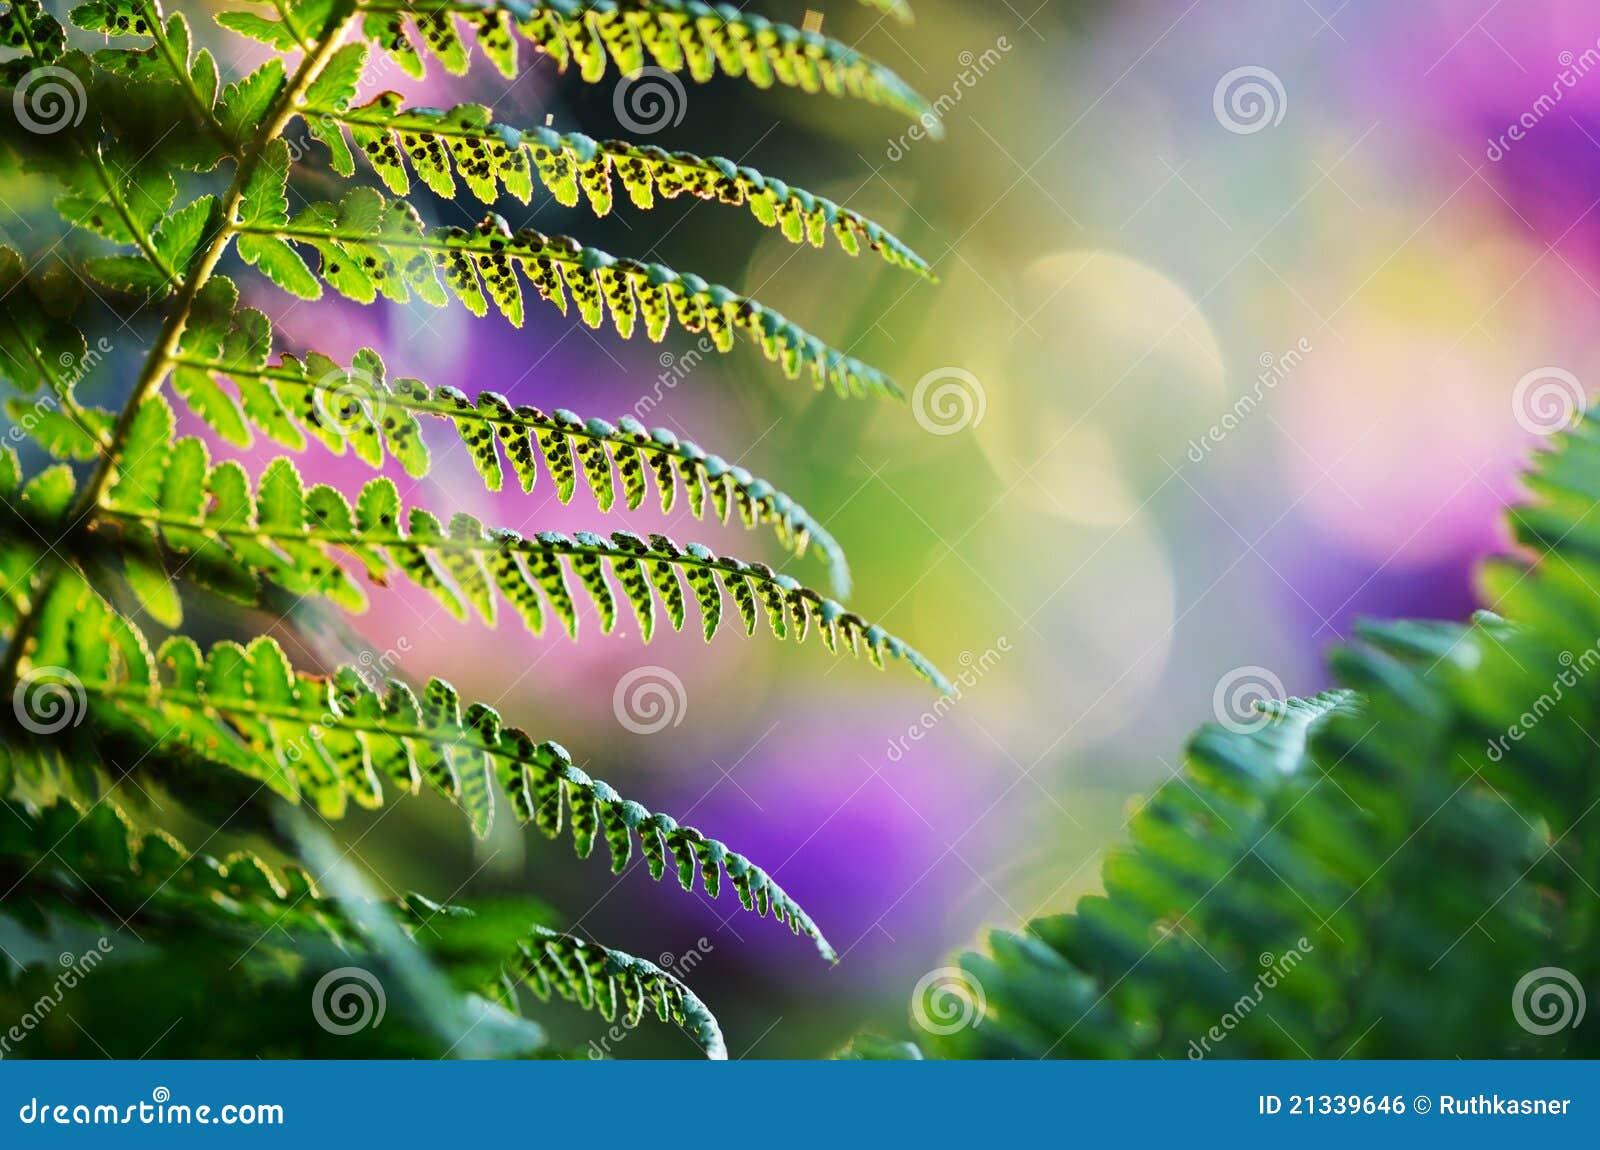 fern the green fairy pdf